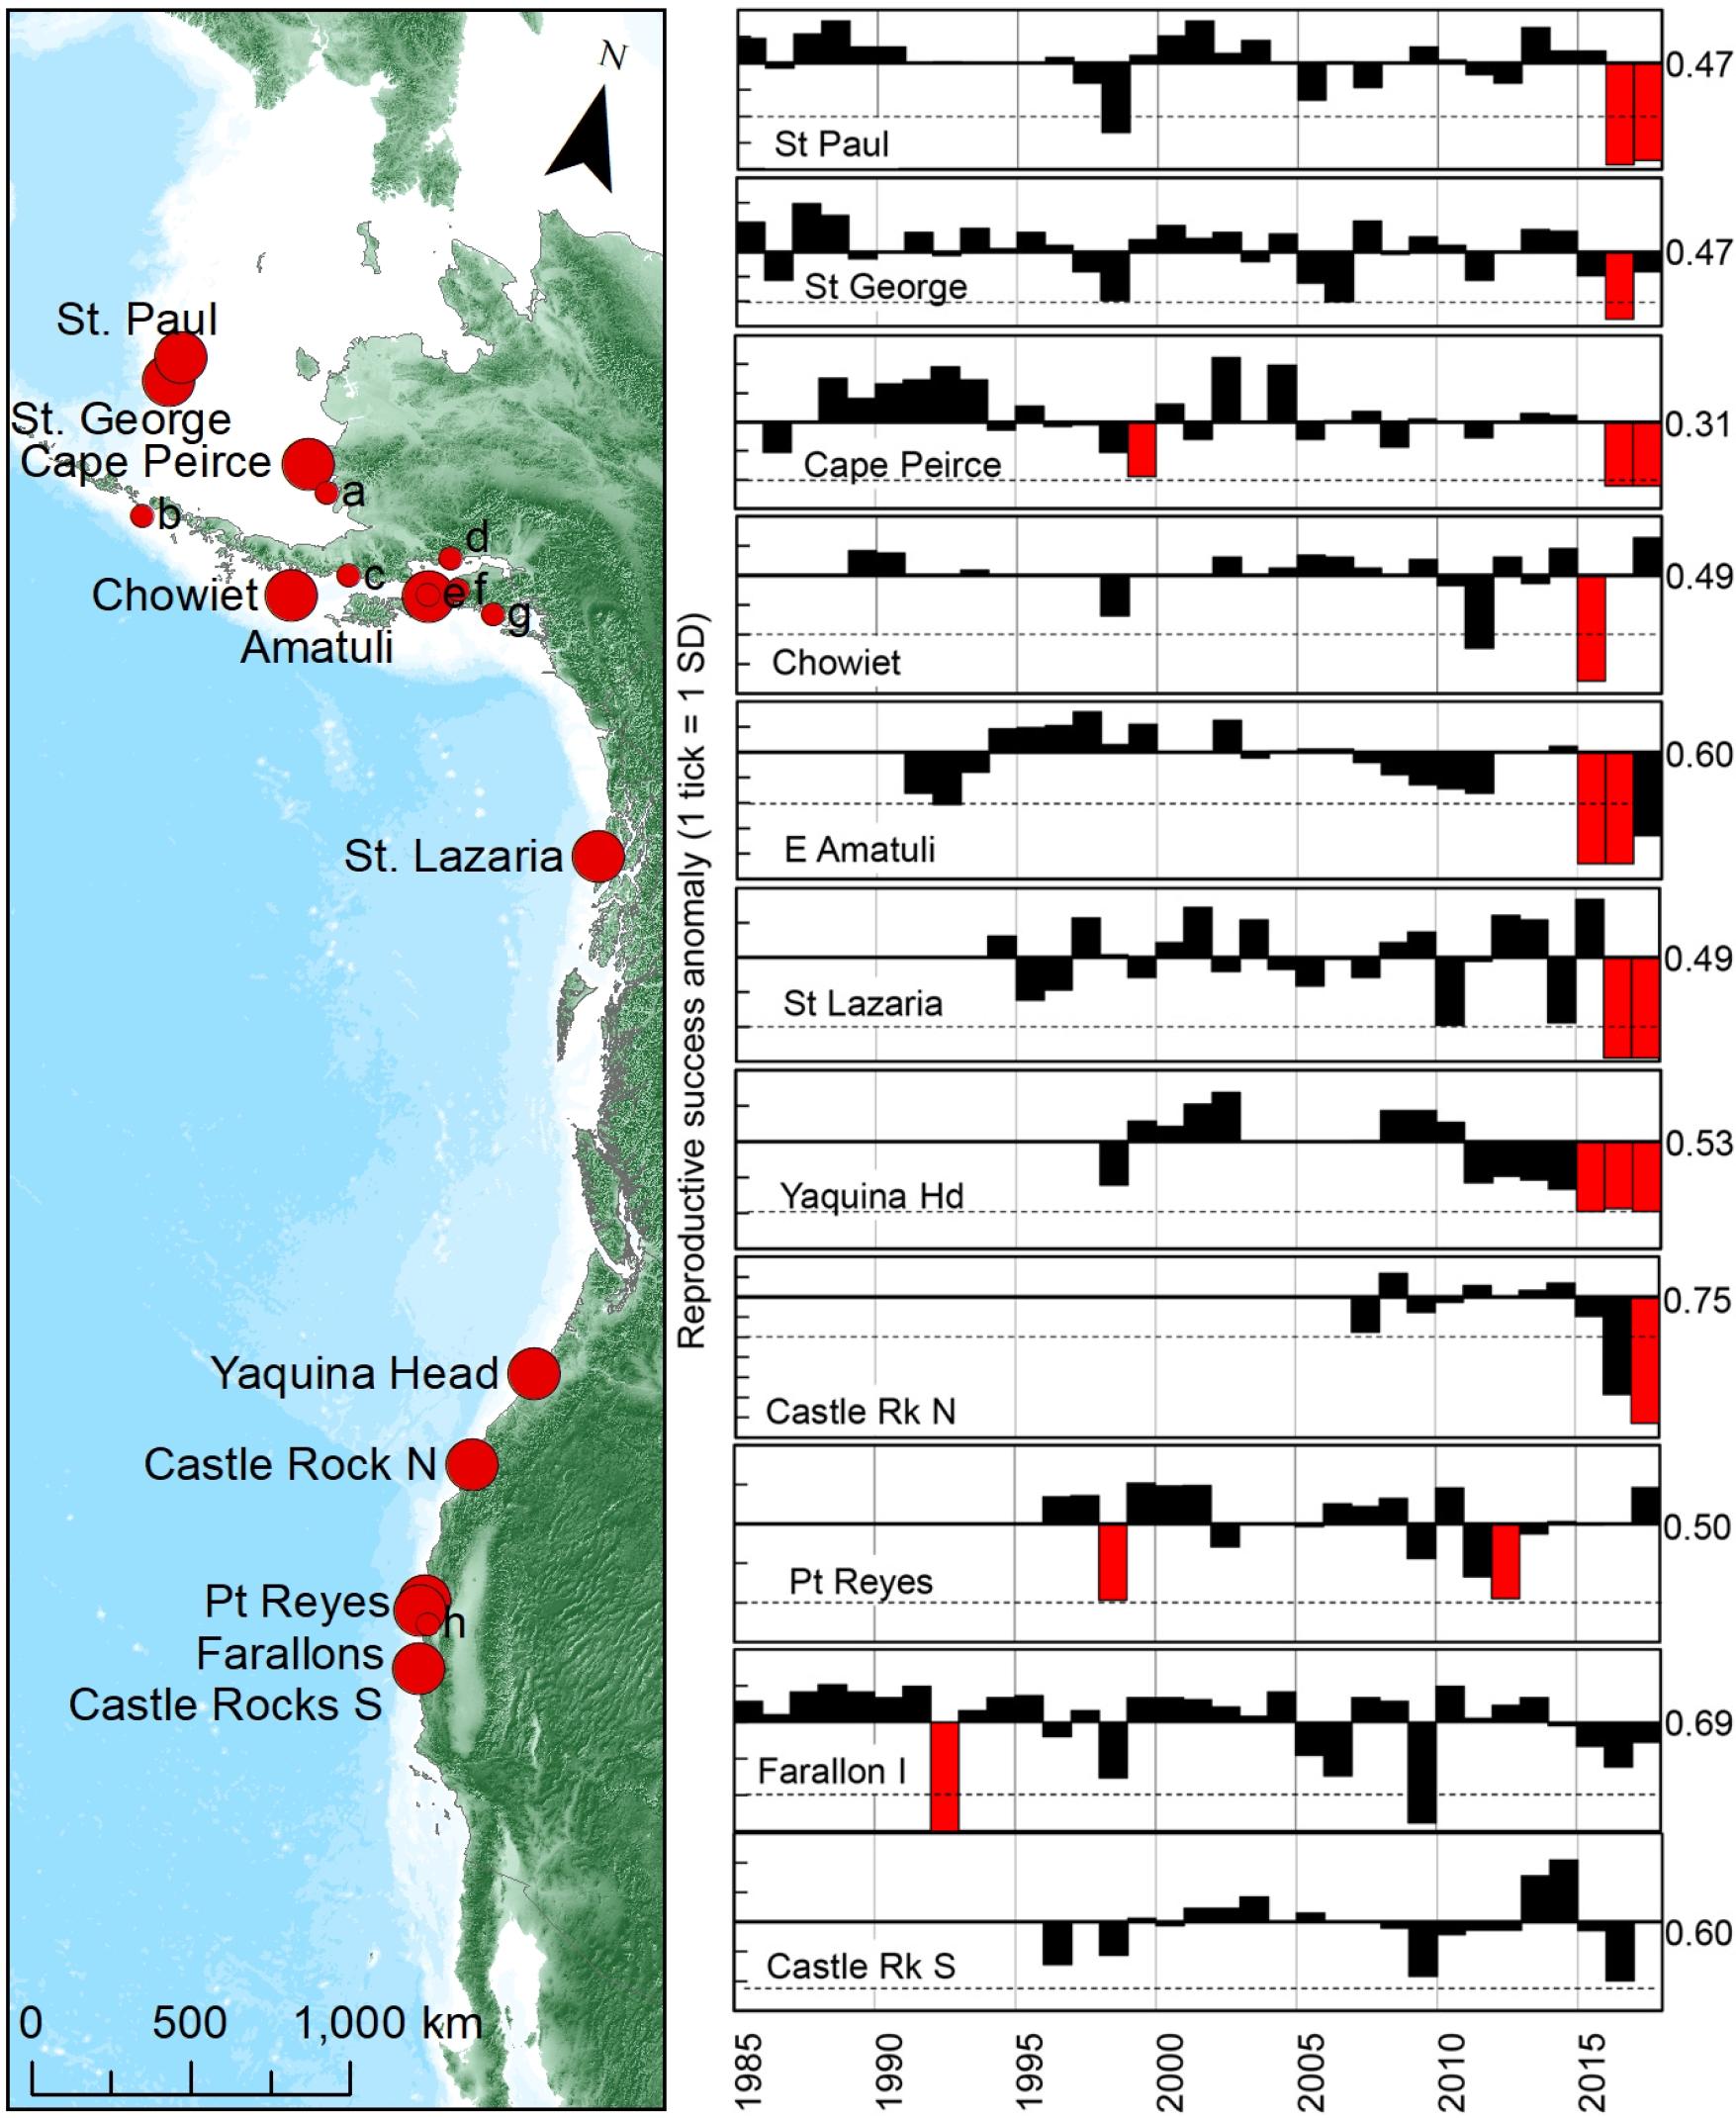 """Годовые стандартизованные отклонения успеха размножения кайр (справа) в постоянно наблюдаемых колониях (слева, большие красные кружки), распределенных по ~ 6000 км линии побережья северо-восточной Пацифики. Красные столбцы (справа) показывают каждый известный год репродуктивной неудачи. Таковой считалось падение успеха размножения ниже 2 стандартных отклонений обычного успеха, т.е. пара в среднем выращивала <0,10 птенца (а многие - и никого) в 1985-2014 гг. Горизонтальные пунктирные линии - падение успеха размножения ниже уровня """"неудачи"""" (справа от каждого графика). Более мелкие и/или нерегулярно наблюдаемые колонии (слева, маленькие красные кружки) включали (a) Round I., (b) Aiktak I., (c) Oil Creek, (d) Duck I., (e) Nord I., (f) Gull I., (g) Barwell Is., (h) Devil's Slide Rock."""